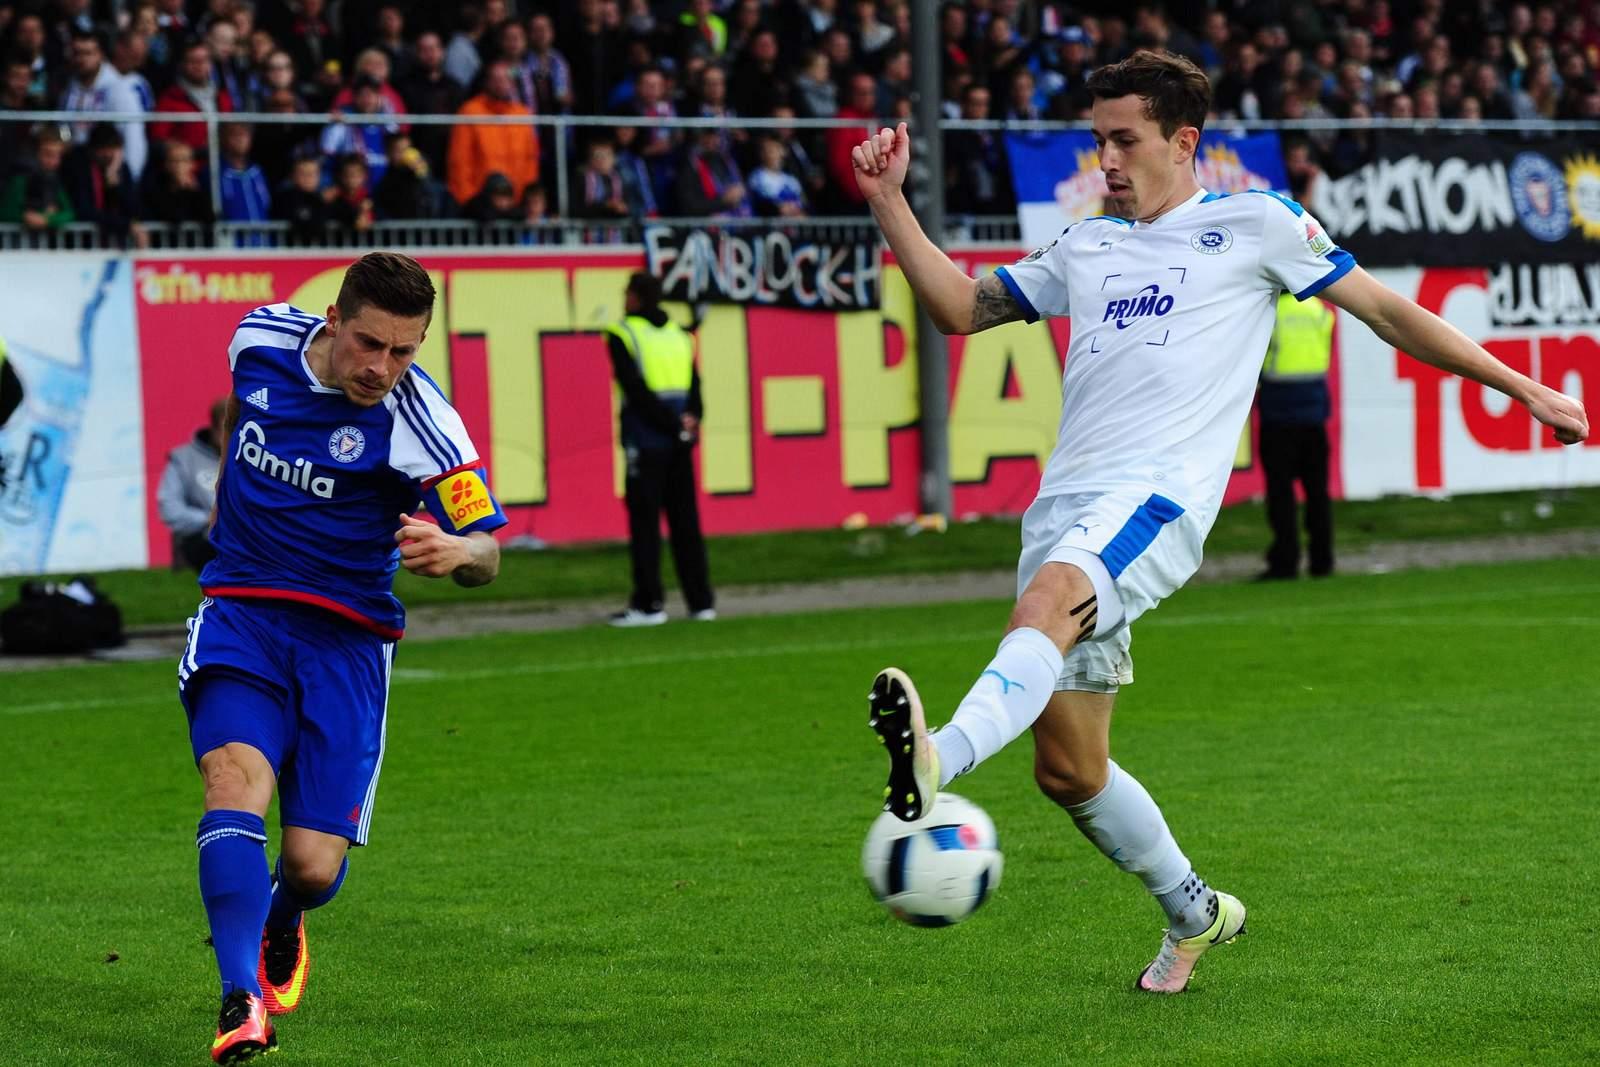 Steven Lewerenz flankt, Phillipp Steinhart blockt. Jetzt auf Lotte gegen Holstein Kiel wetten!